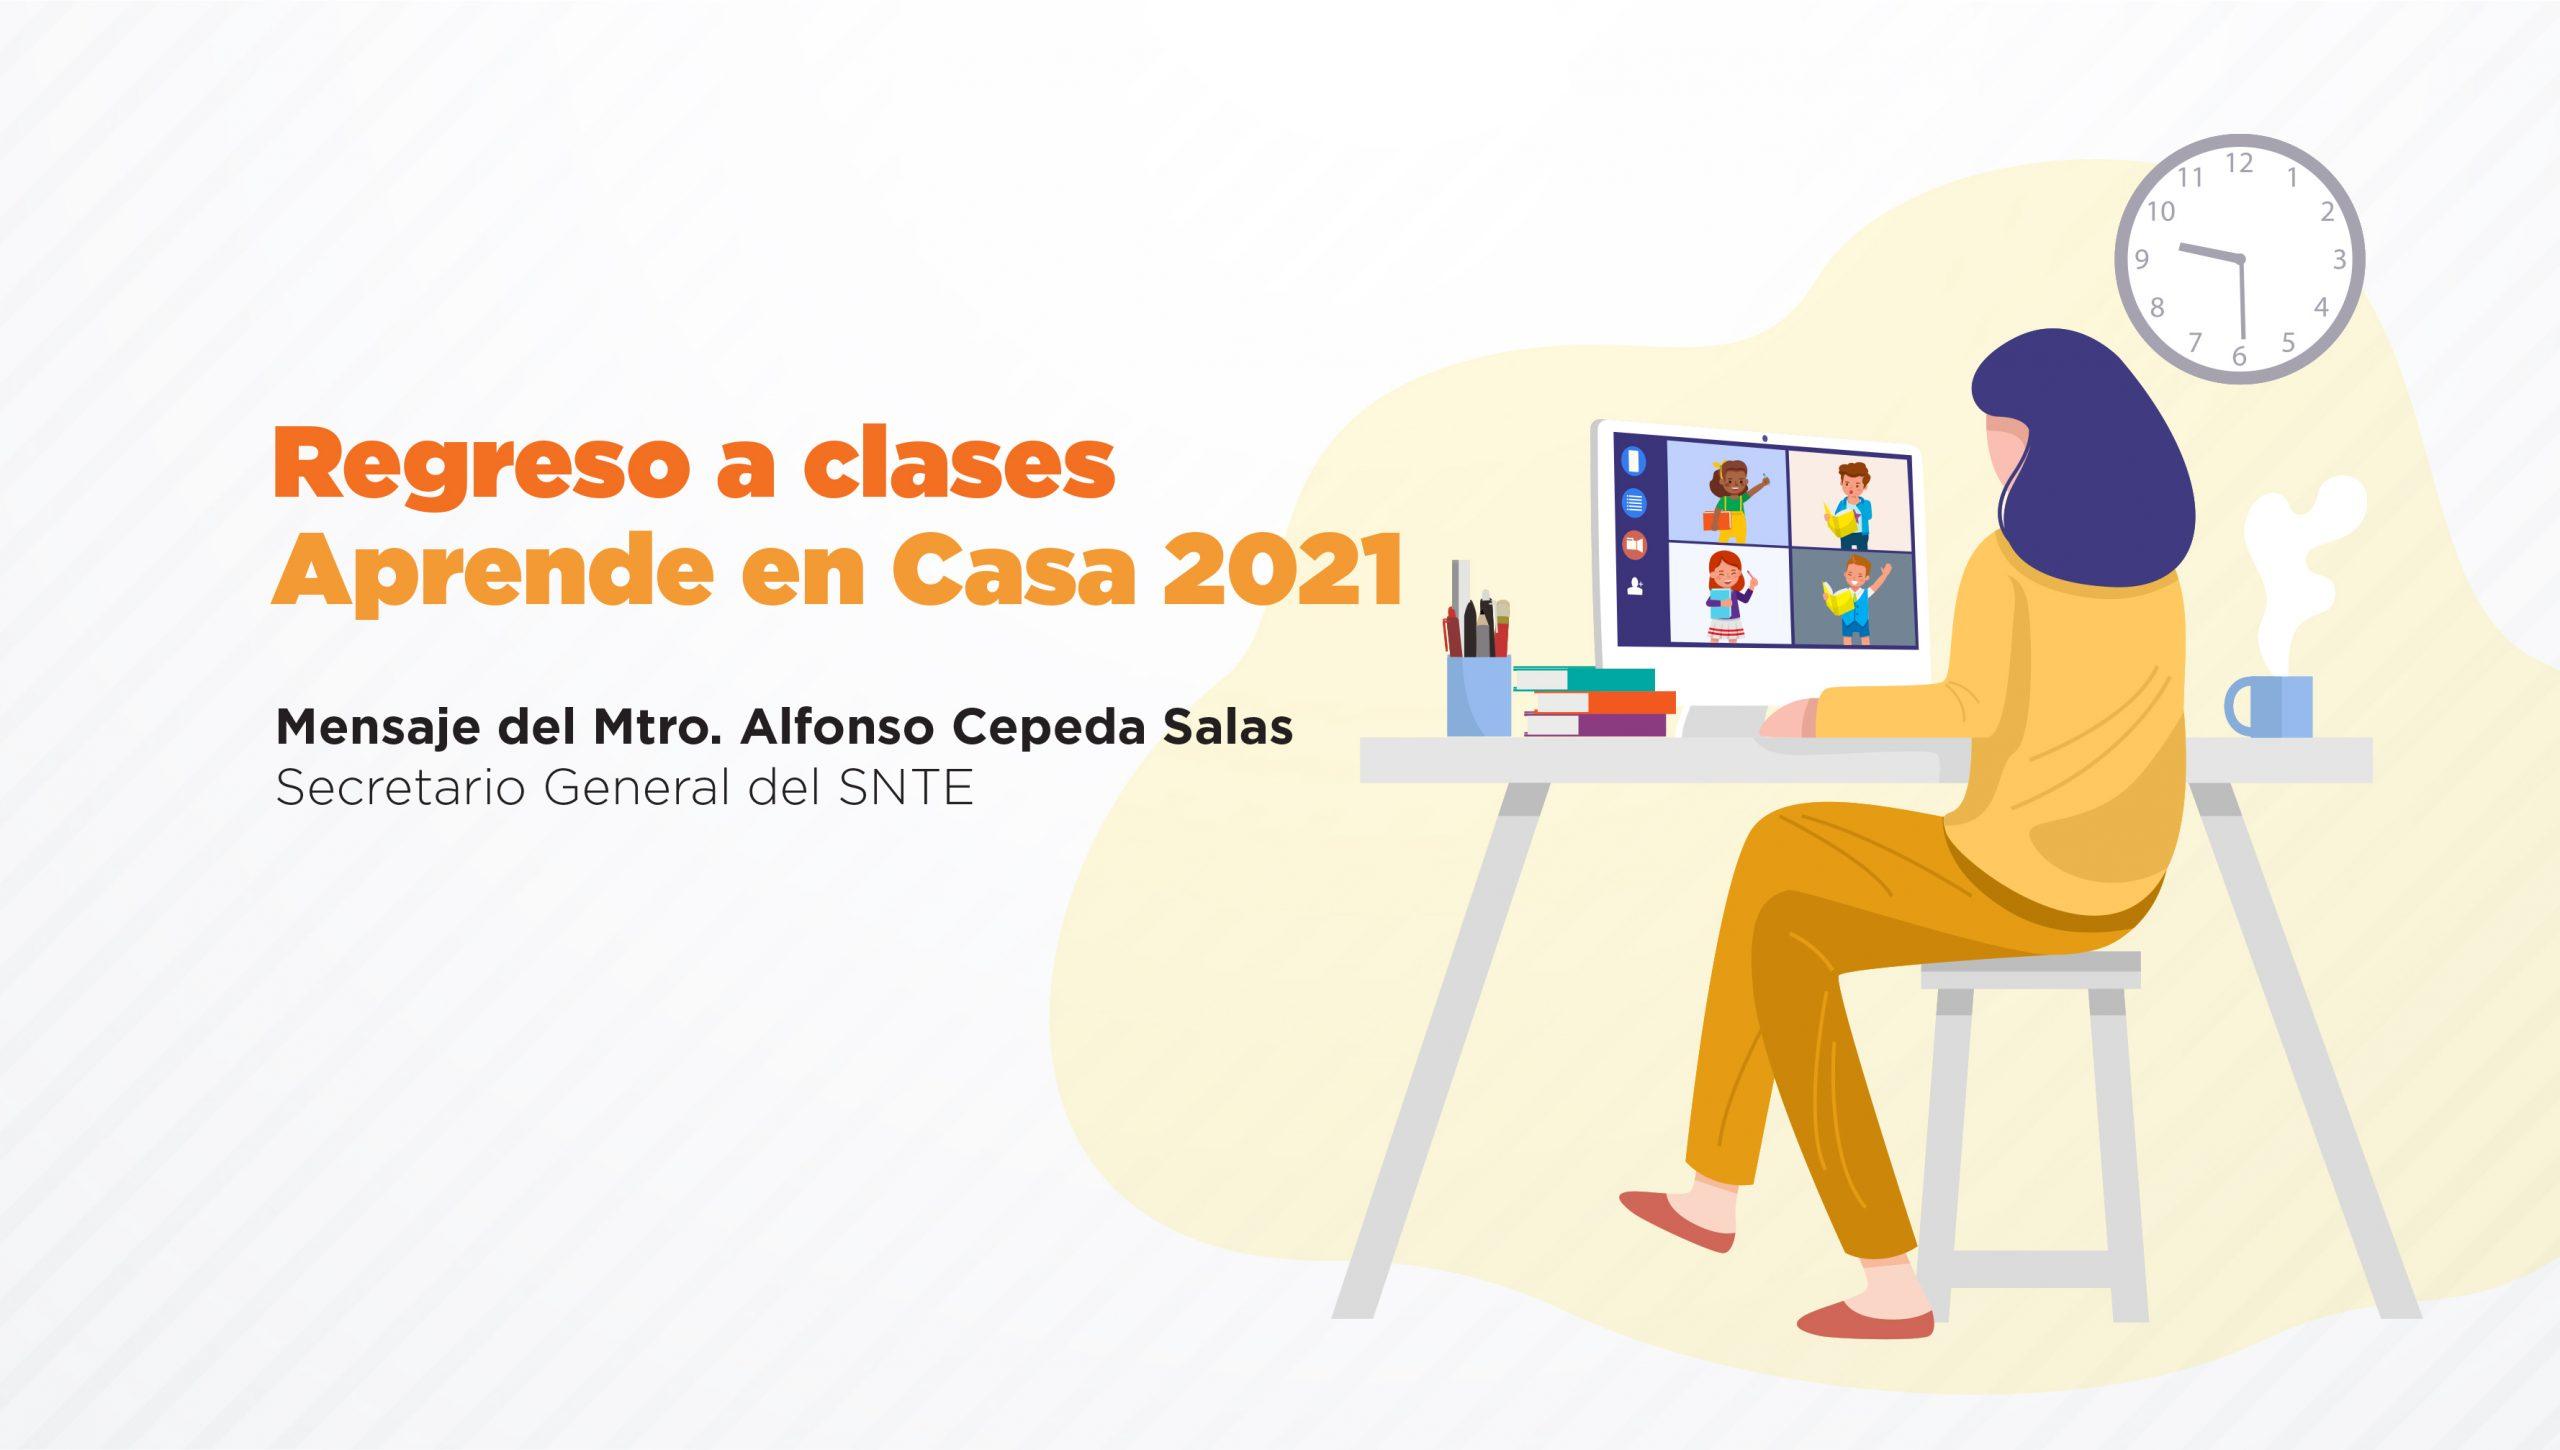 Regreso a clases 2021. Mensaje del Maestro Alfonso Cepeda